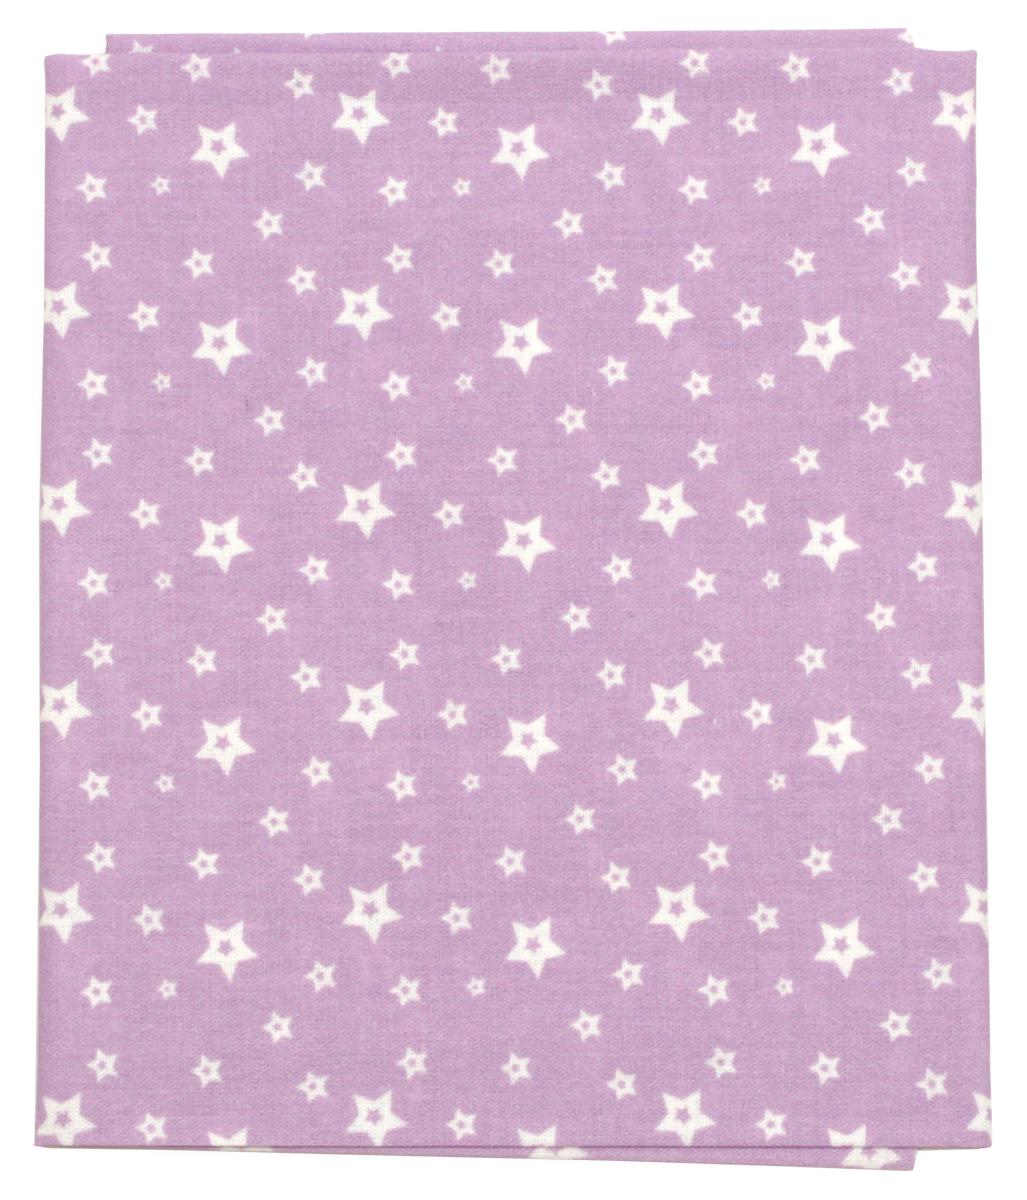 Ткань Кустарь Звезды №33, 48 х 50 см. AM575033697596_010 Кофе в ПарижеТкань Кустарь - это высококачественная ткань из 100% хлопка, которая отлично подходит для пошива покрывал, сумок, панно, одежды, кукол. Также подходит для рукоделия в стиле скрапбукинг и пэчворк.Плотность ткани:120 г/м2. Размер: 48 х 50 см.